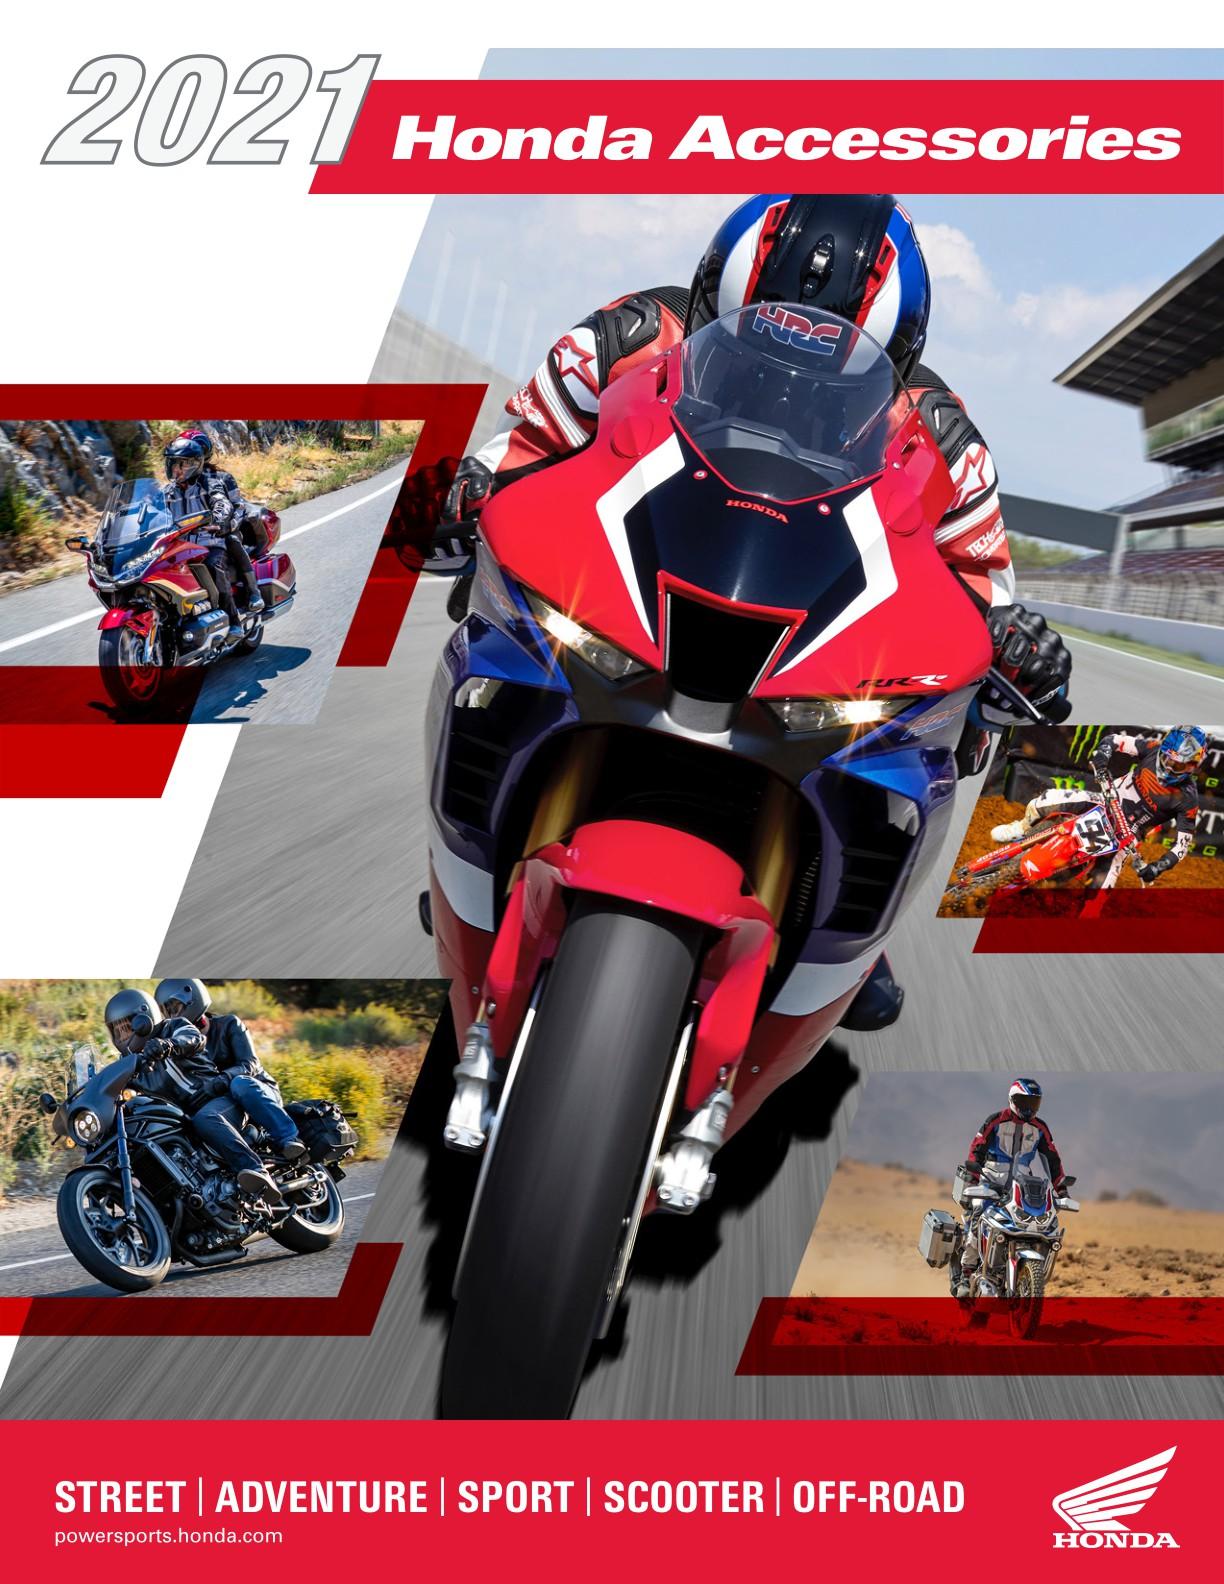 powersports-honda.dcatalog.com